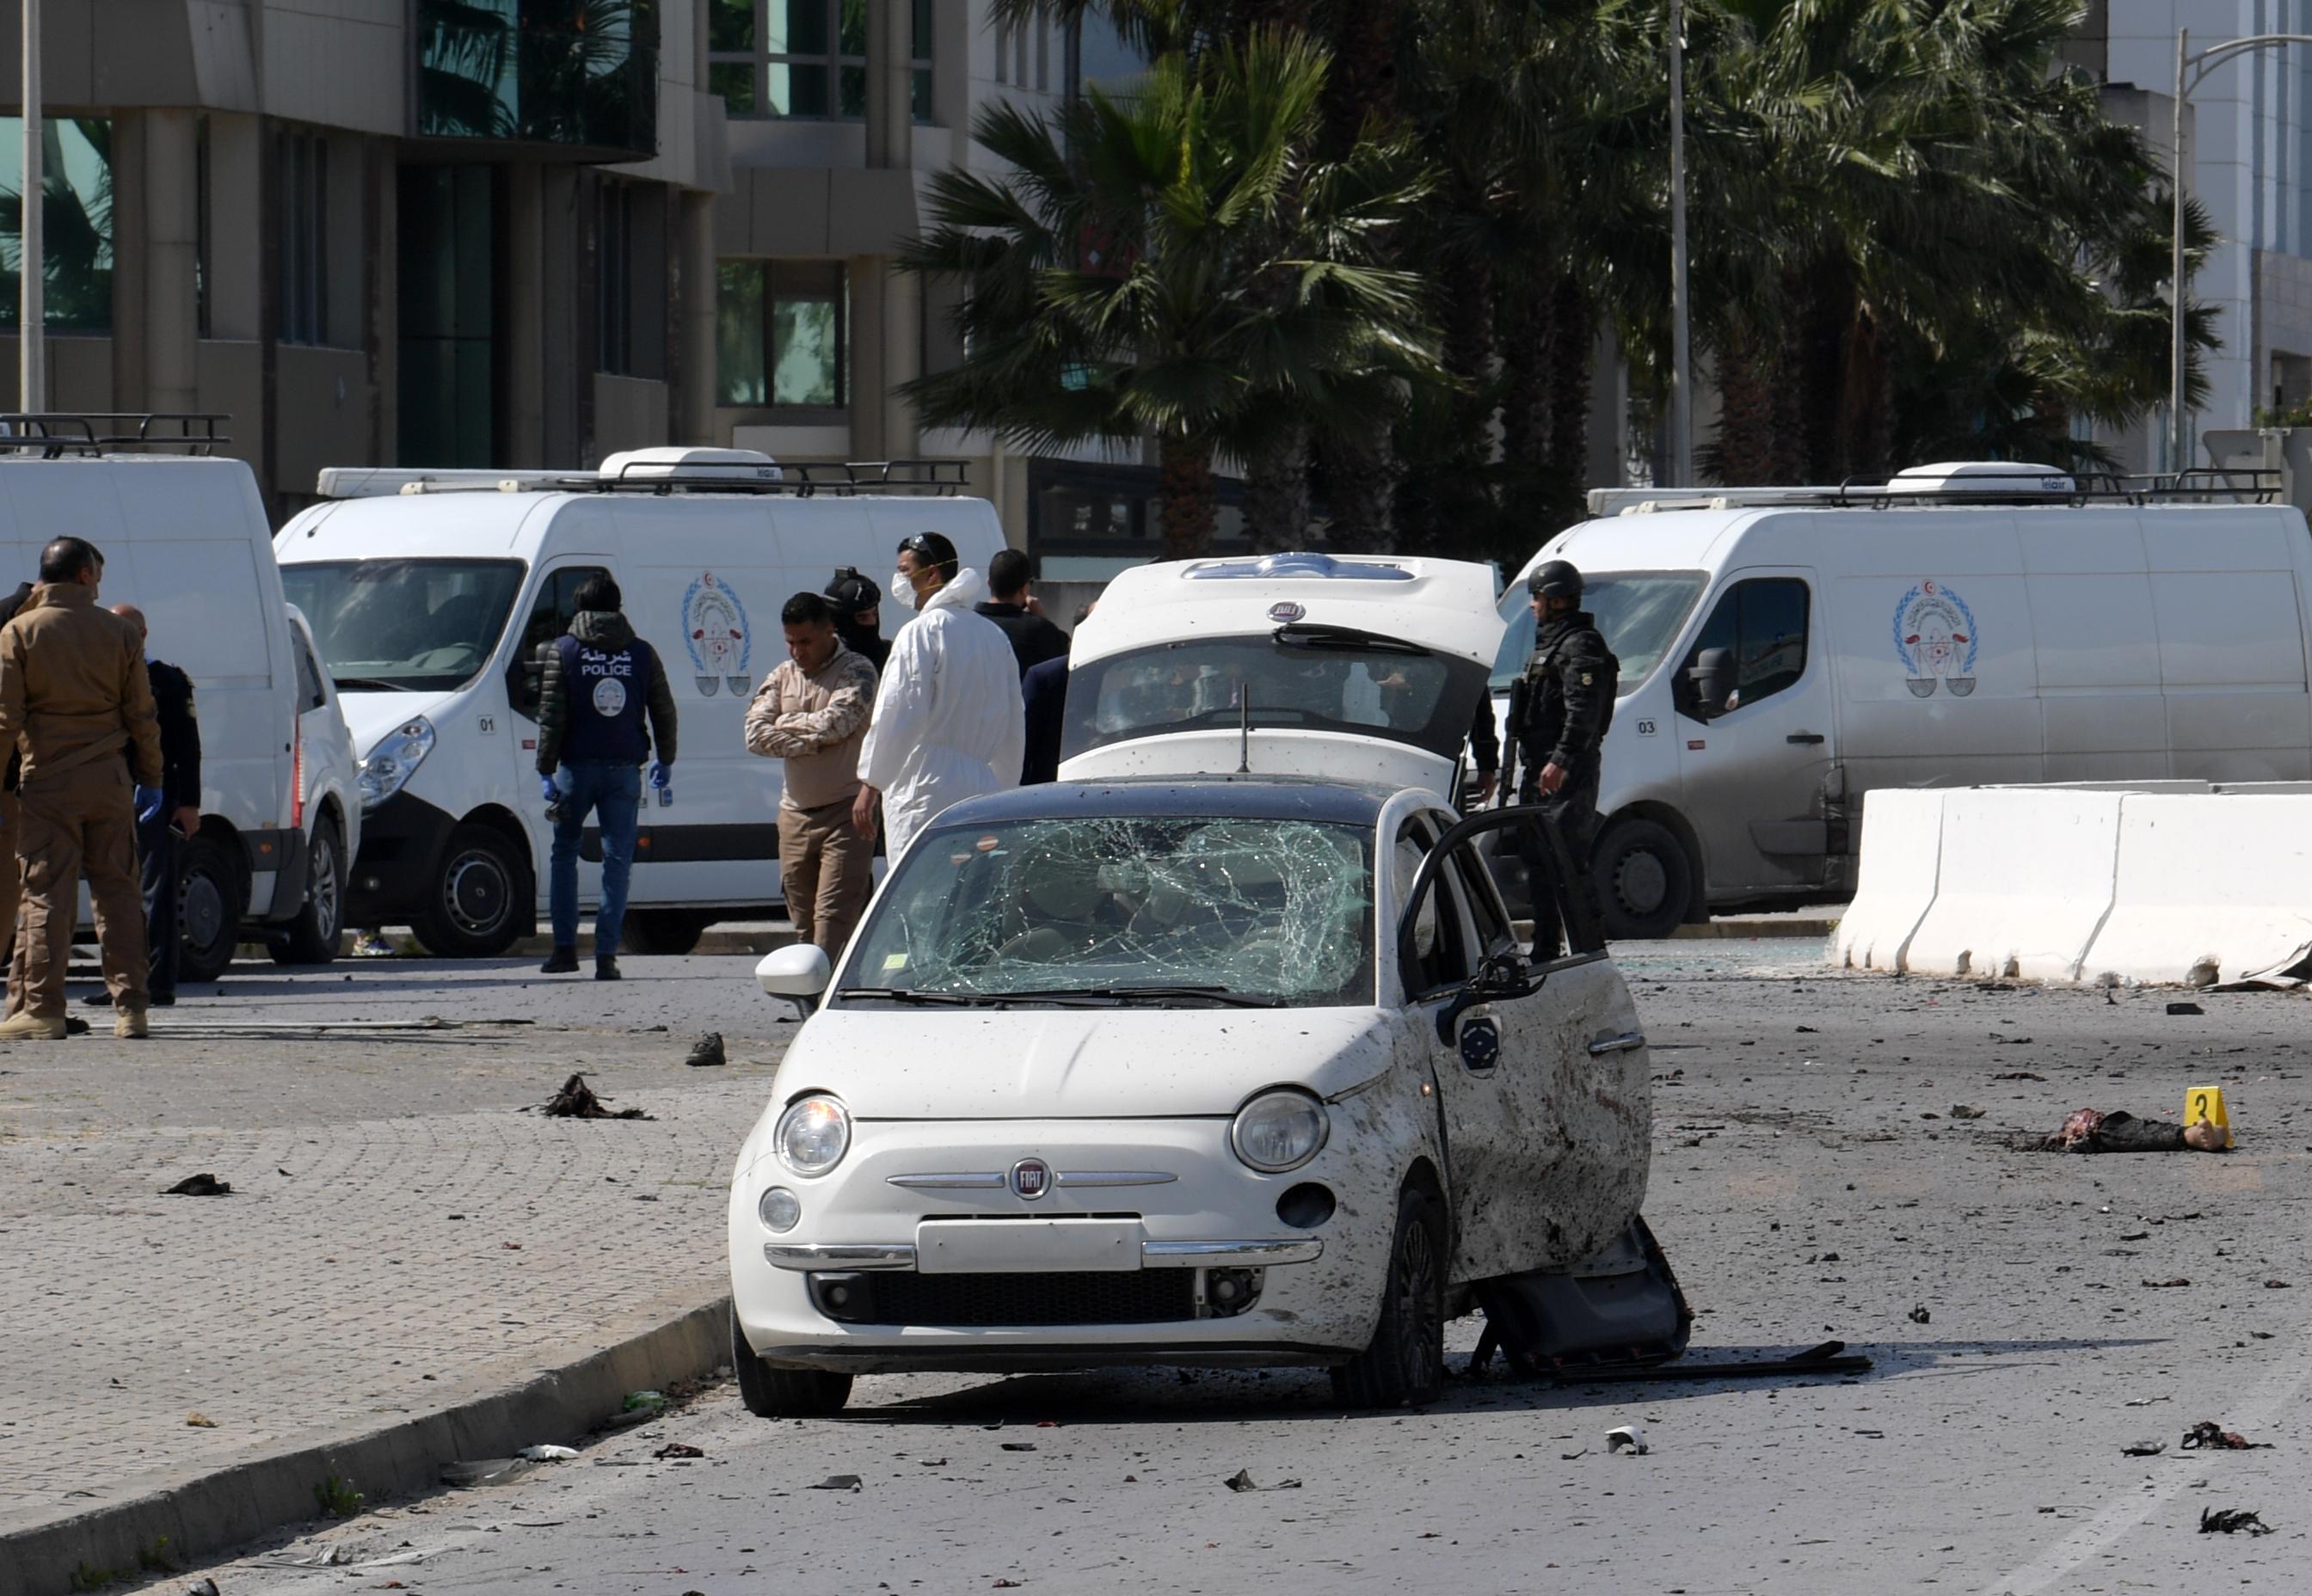 الشرطة وخبراء الطب الشرعي في موقع التفجير قرب السفارة الأميركية في تونس